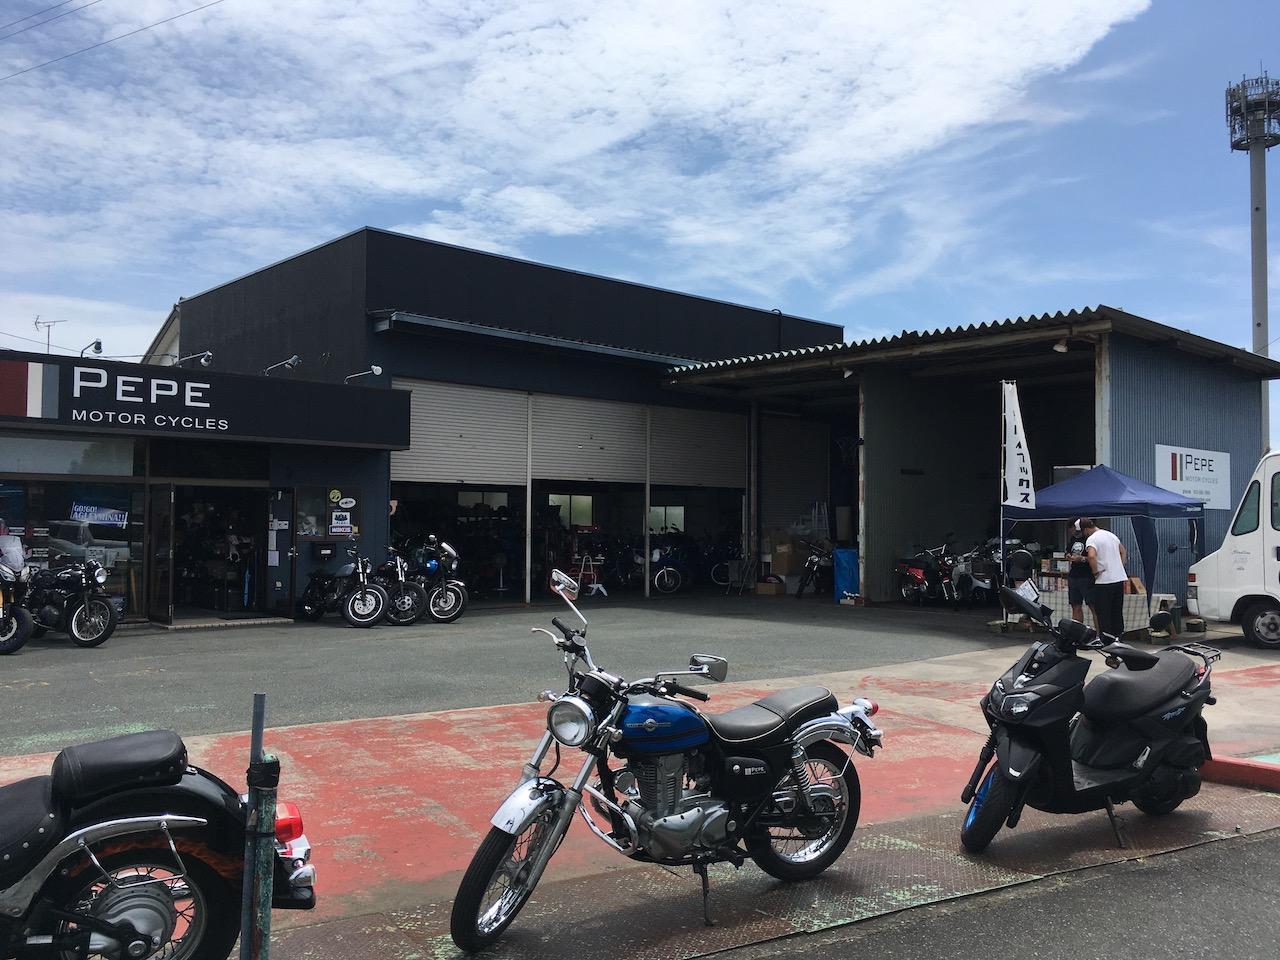 オートバイブックスの出張販売 in PEPE MOTOR CYCLES